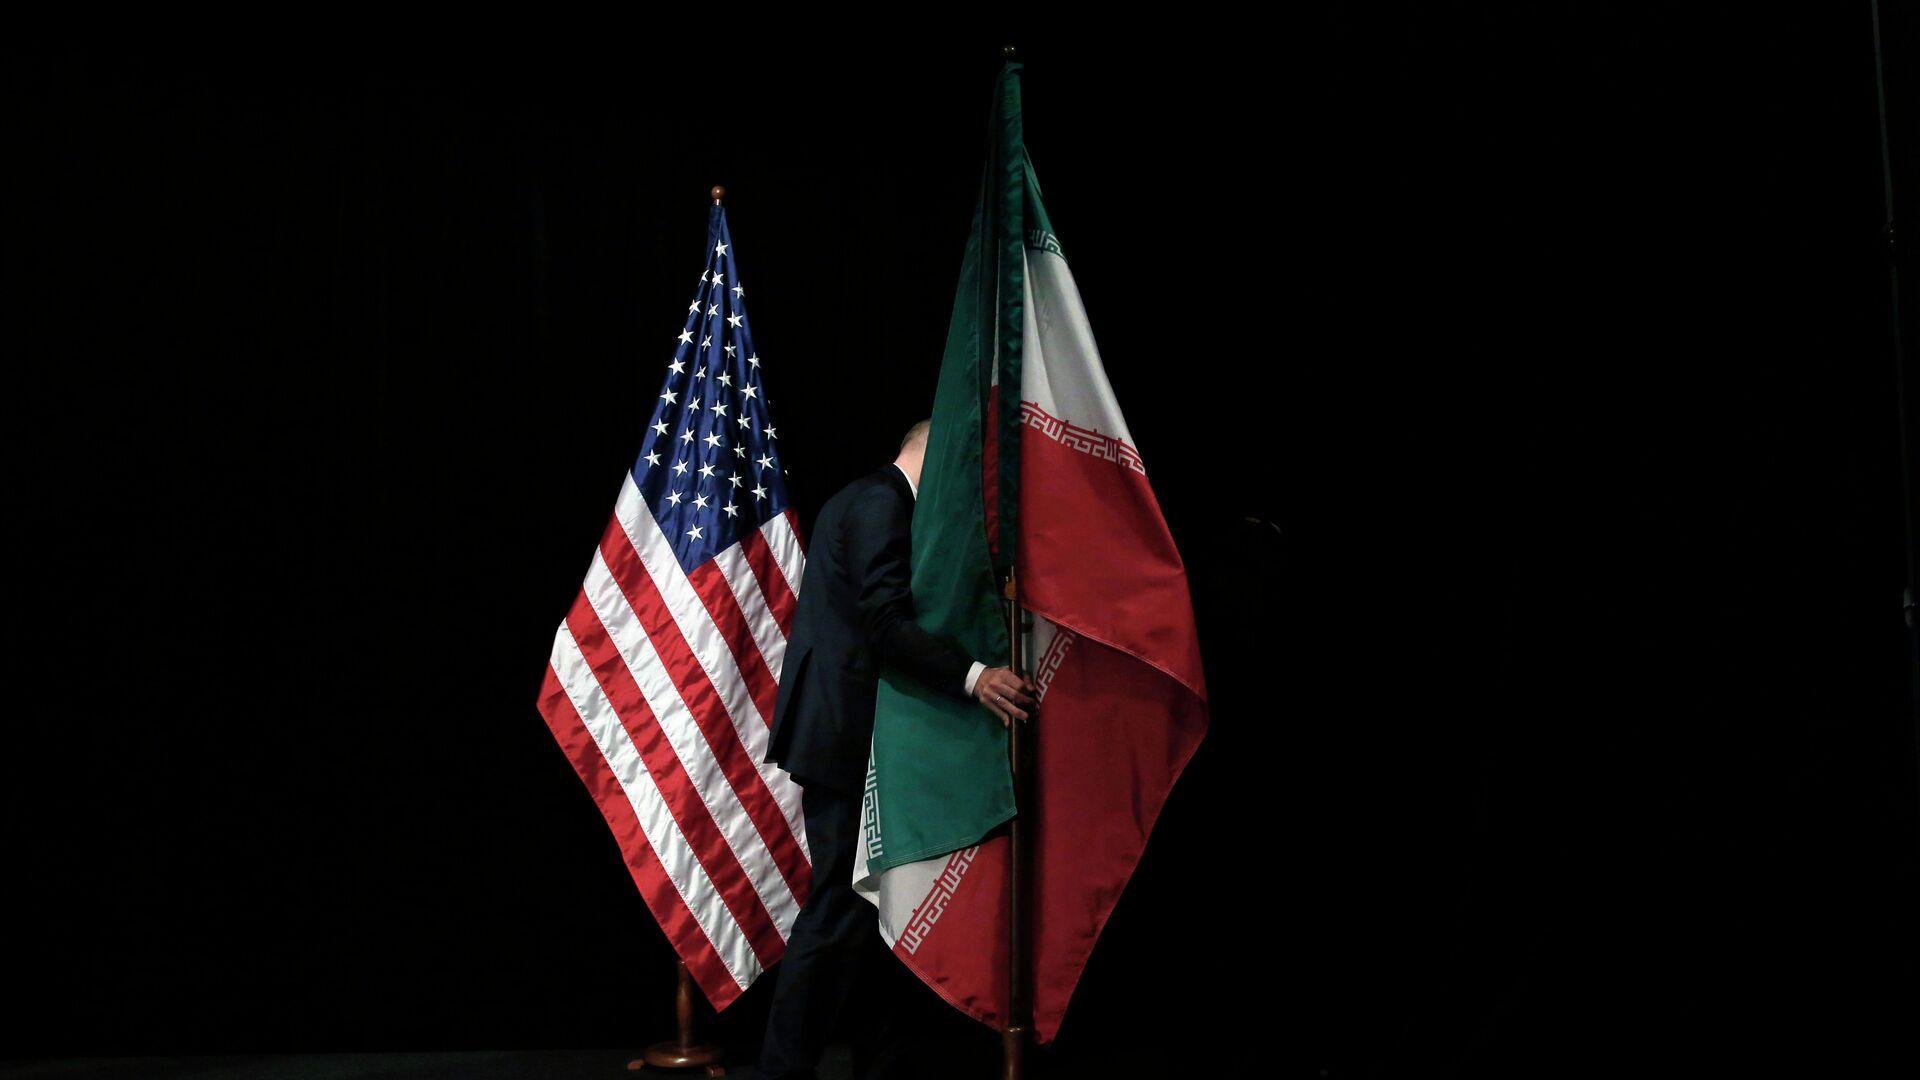 Banderas de EEUU e Irán - Sputnik Mundo, 1920, 09.02.2021